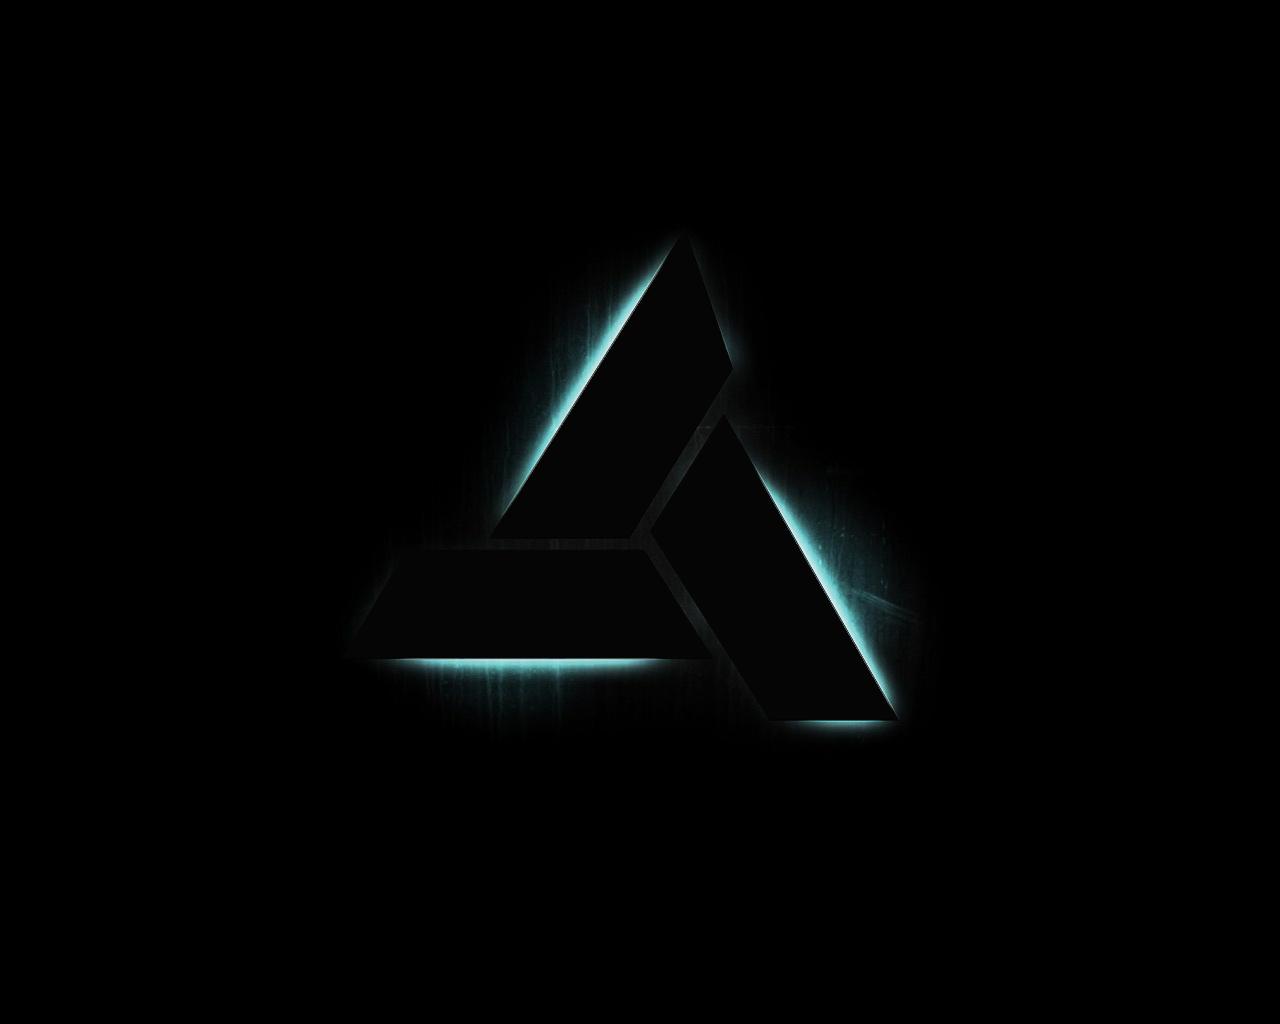 Assassins Creed Symbol Wallpaper